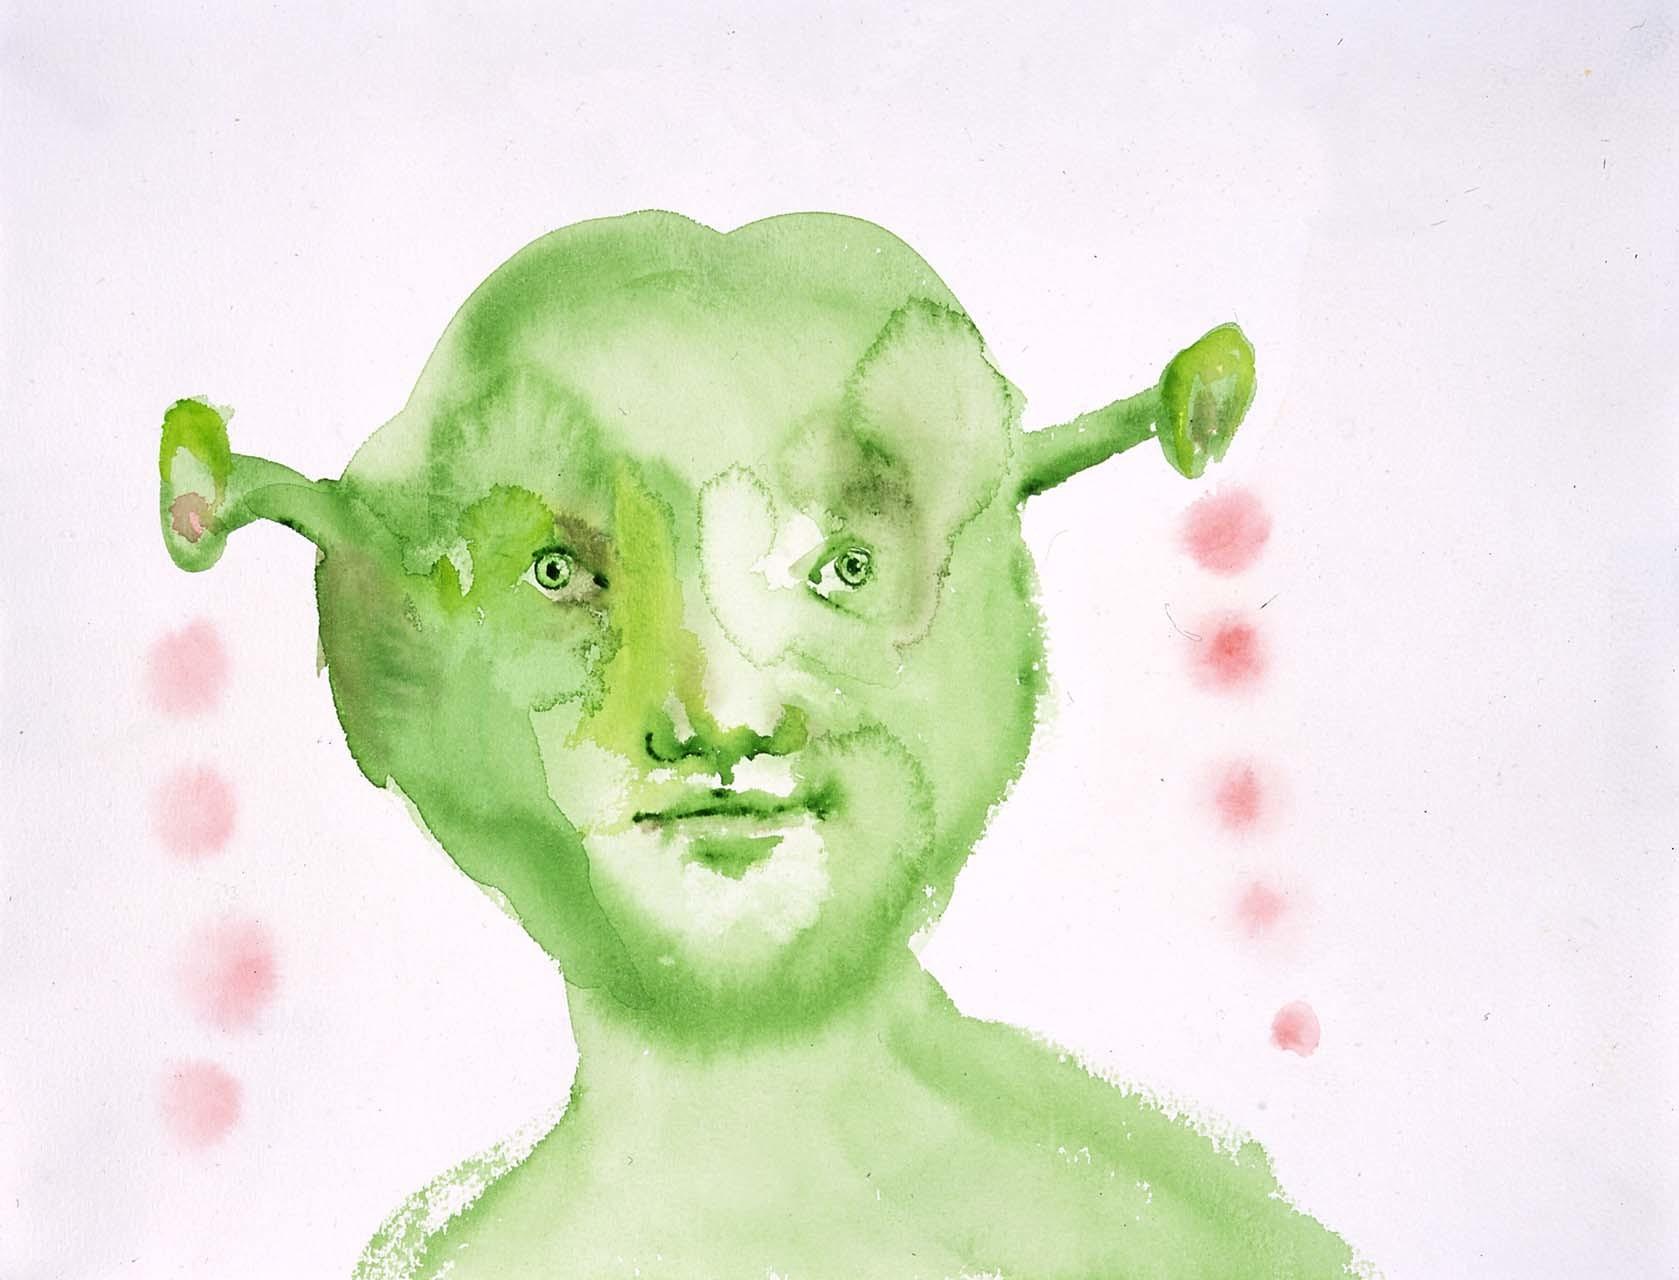 """<div class=""""artwork_caption""""><p>Greenface, 2005</p></div>"""